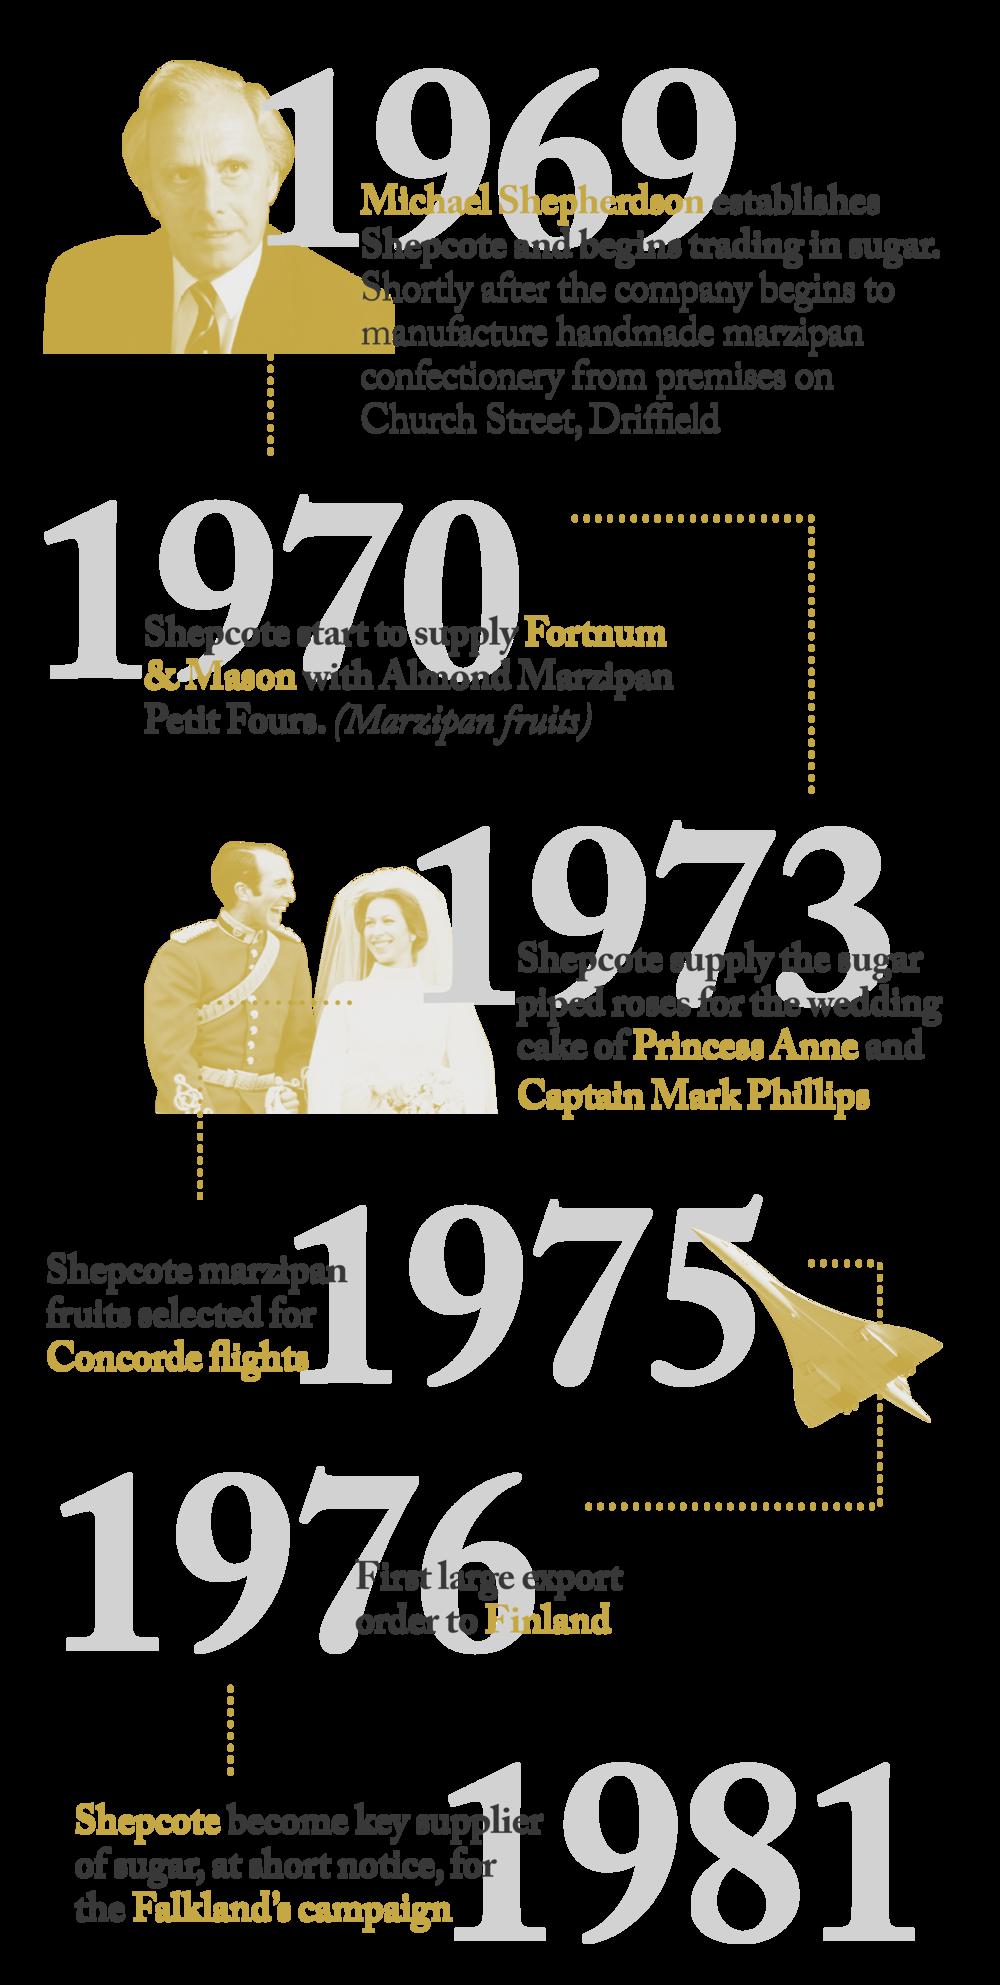 Shepcote History Timeline